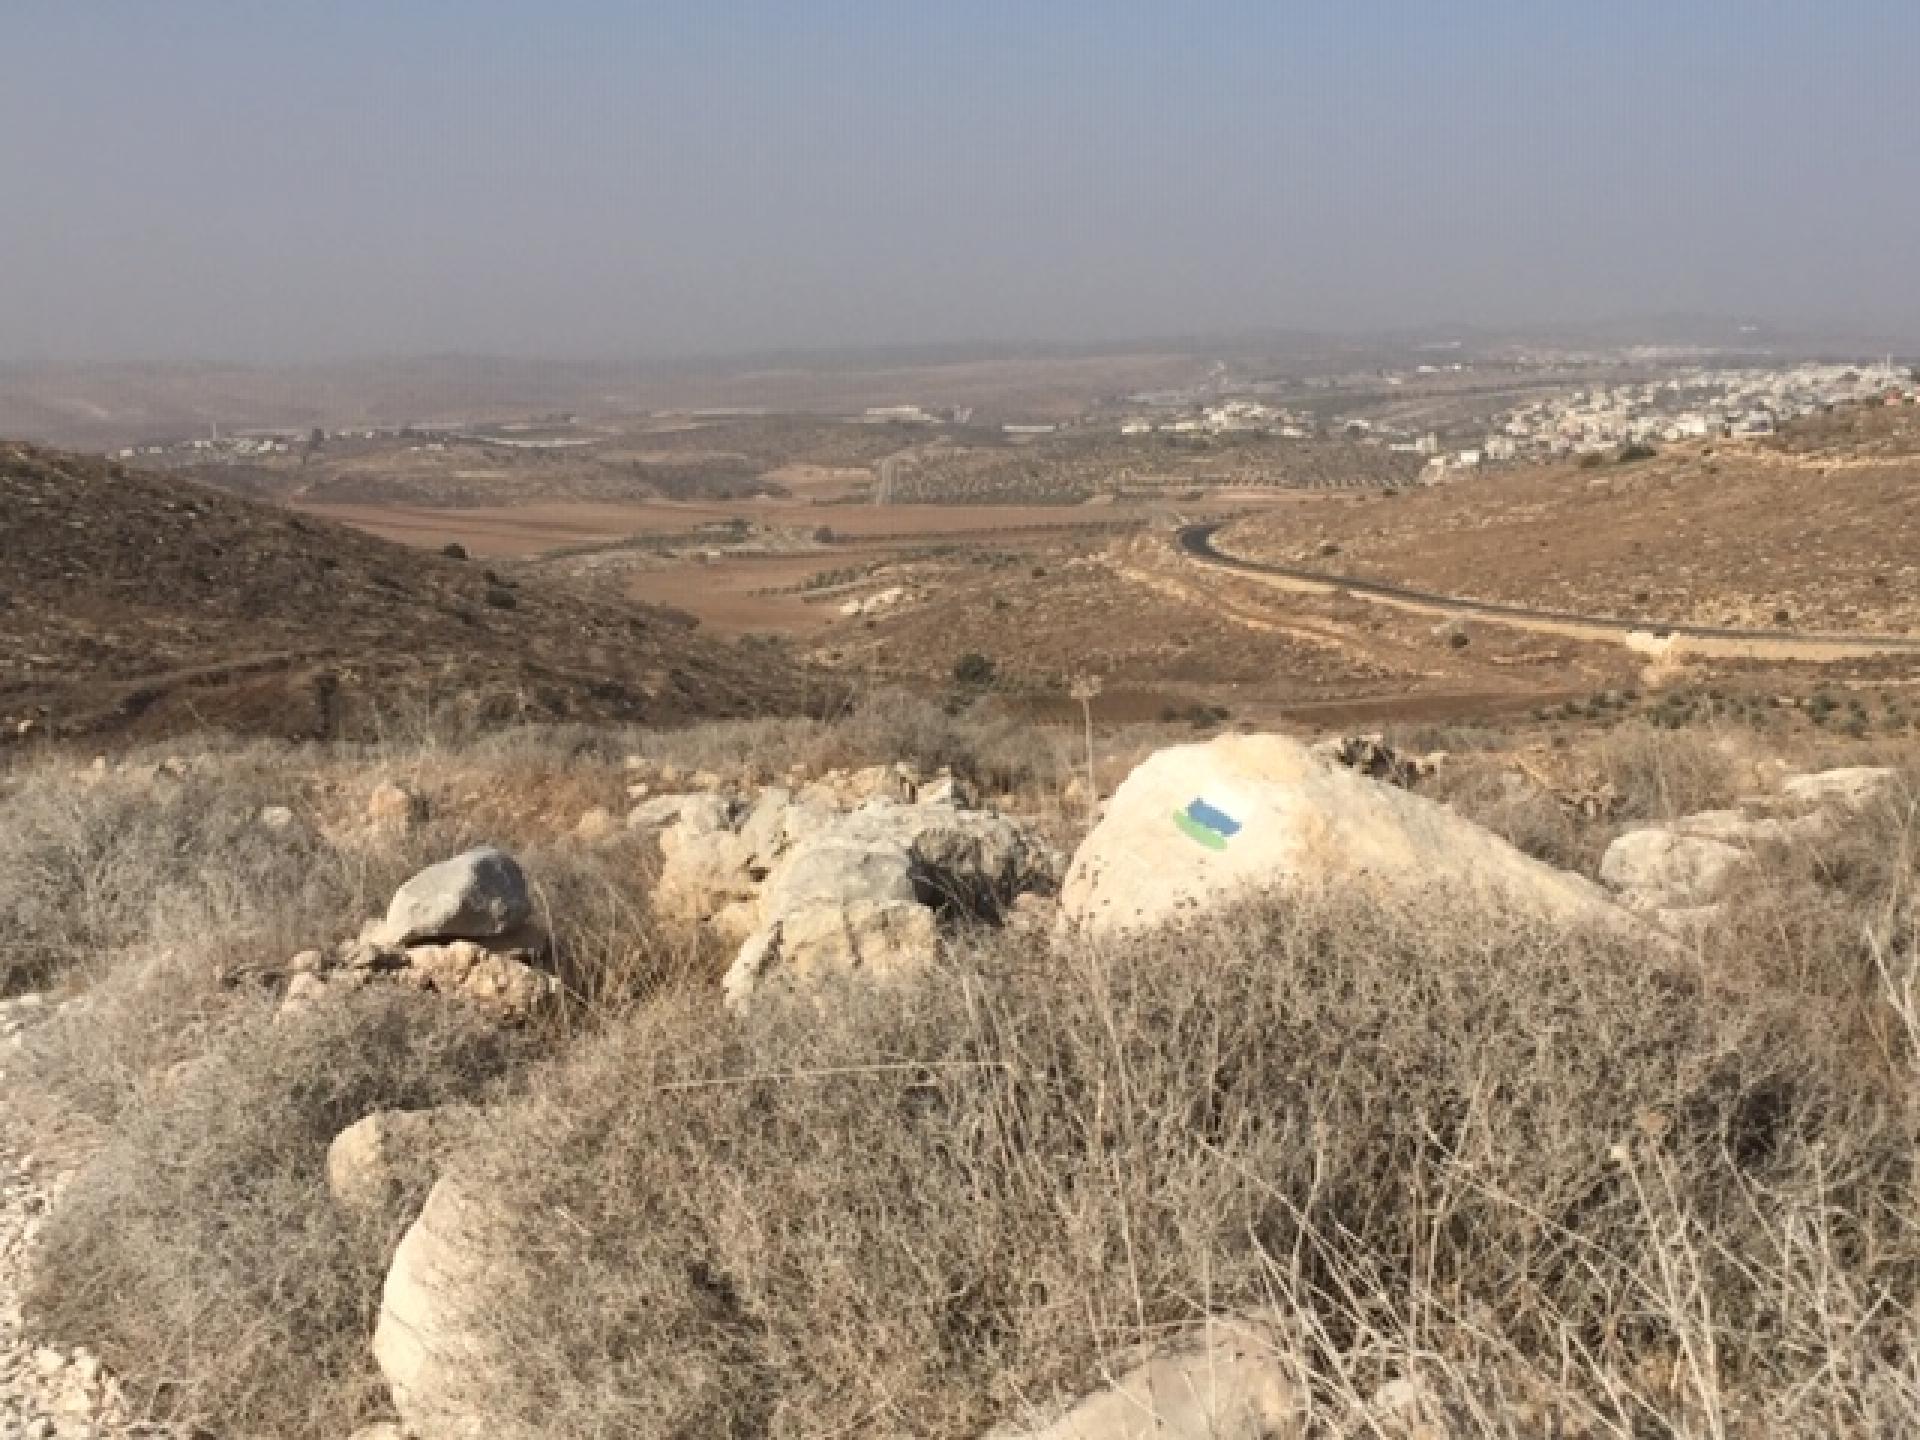 הסימונים של שביל הטיול הוא נסיון של המתנחלים להכניס לשביל ישראל את הטיולים שלהם